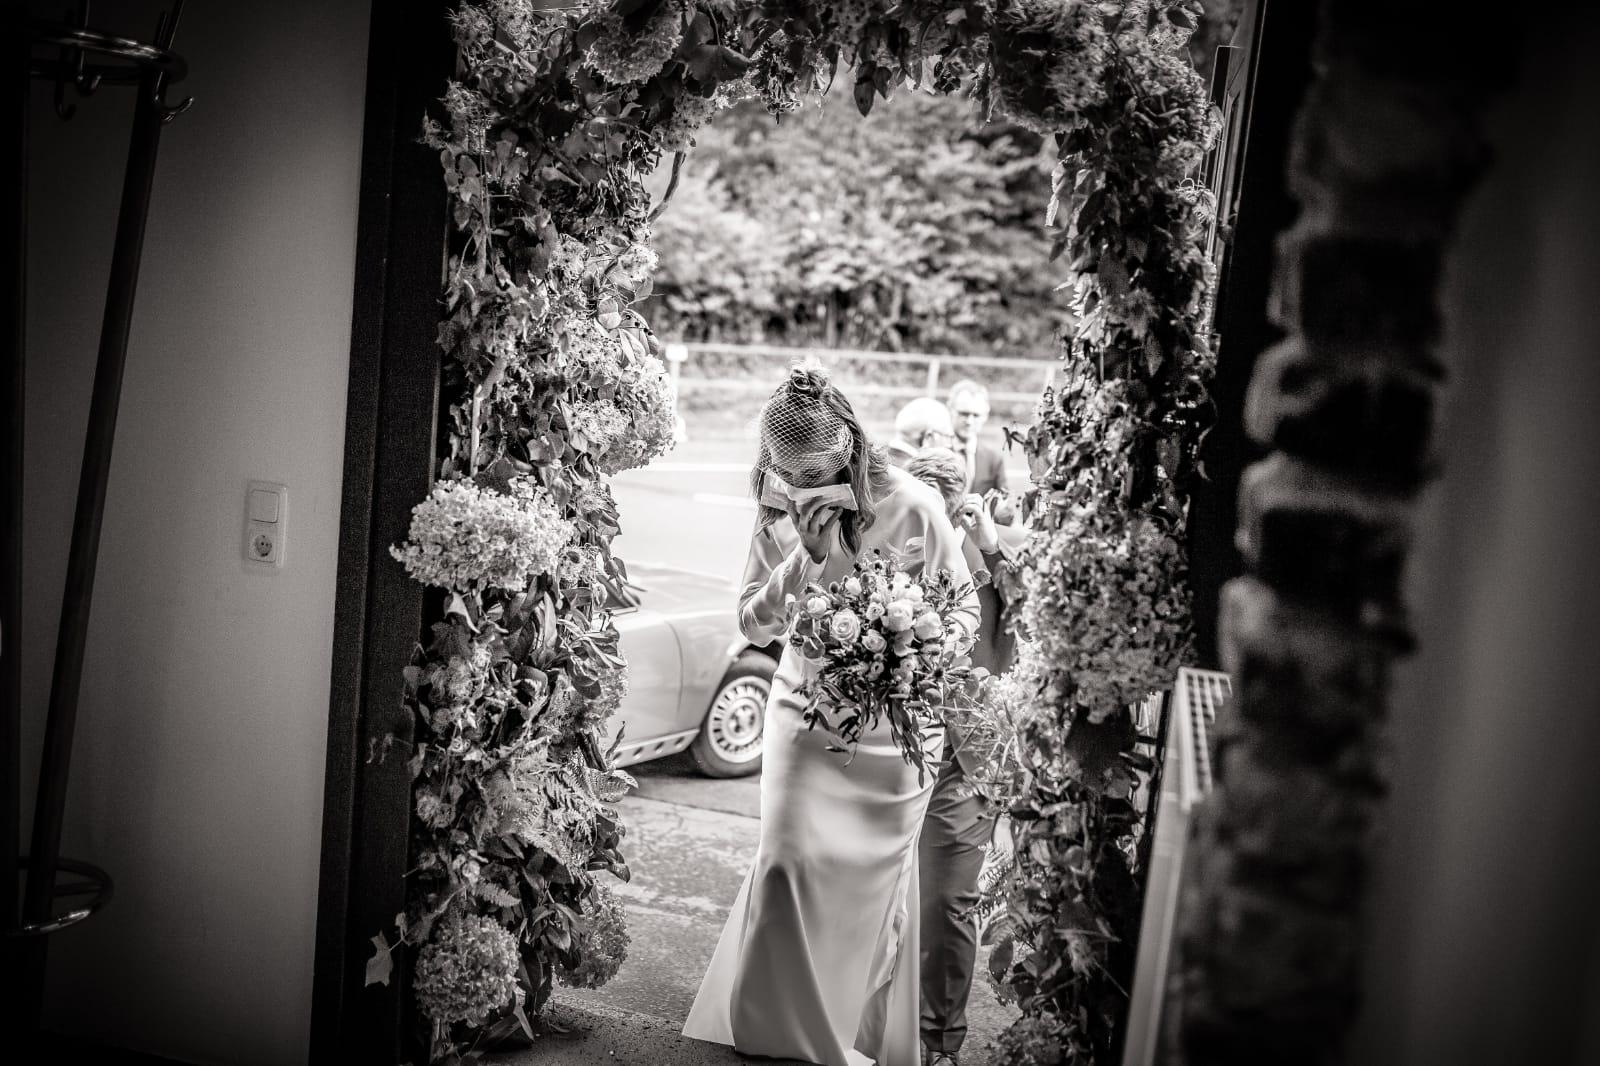 White Concepts Bride Christin auf dem Weg zur Trauung